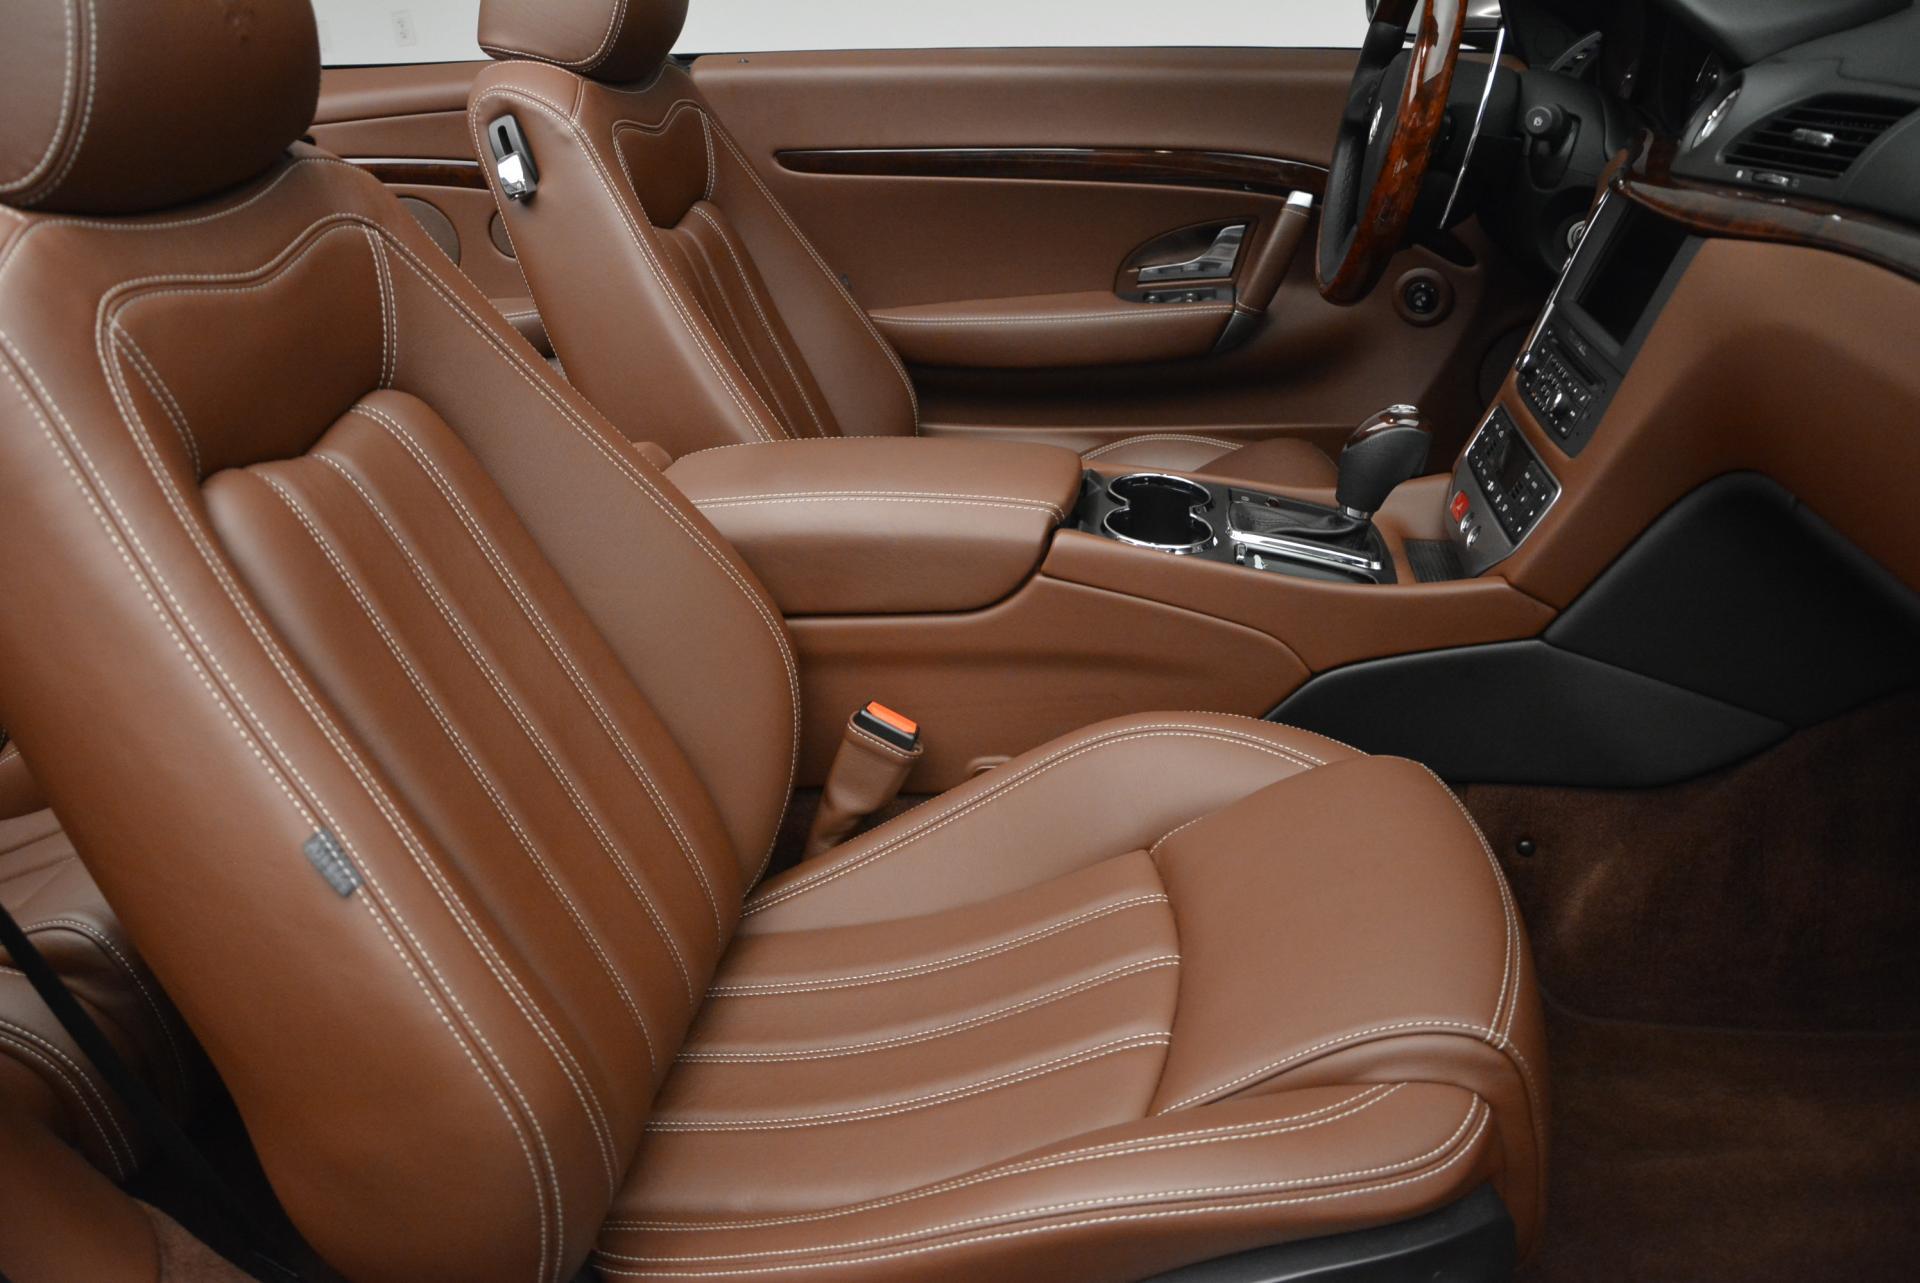 Used 2012 Maserati GranTurismo  For Sale In Greenwich, CT 157_p27